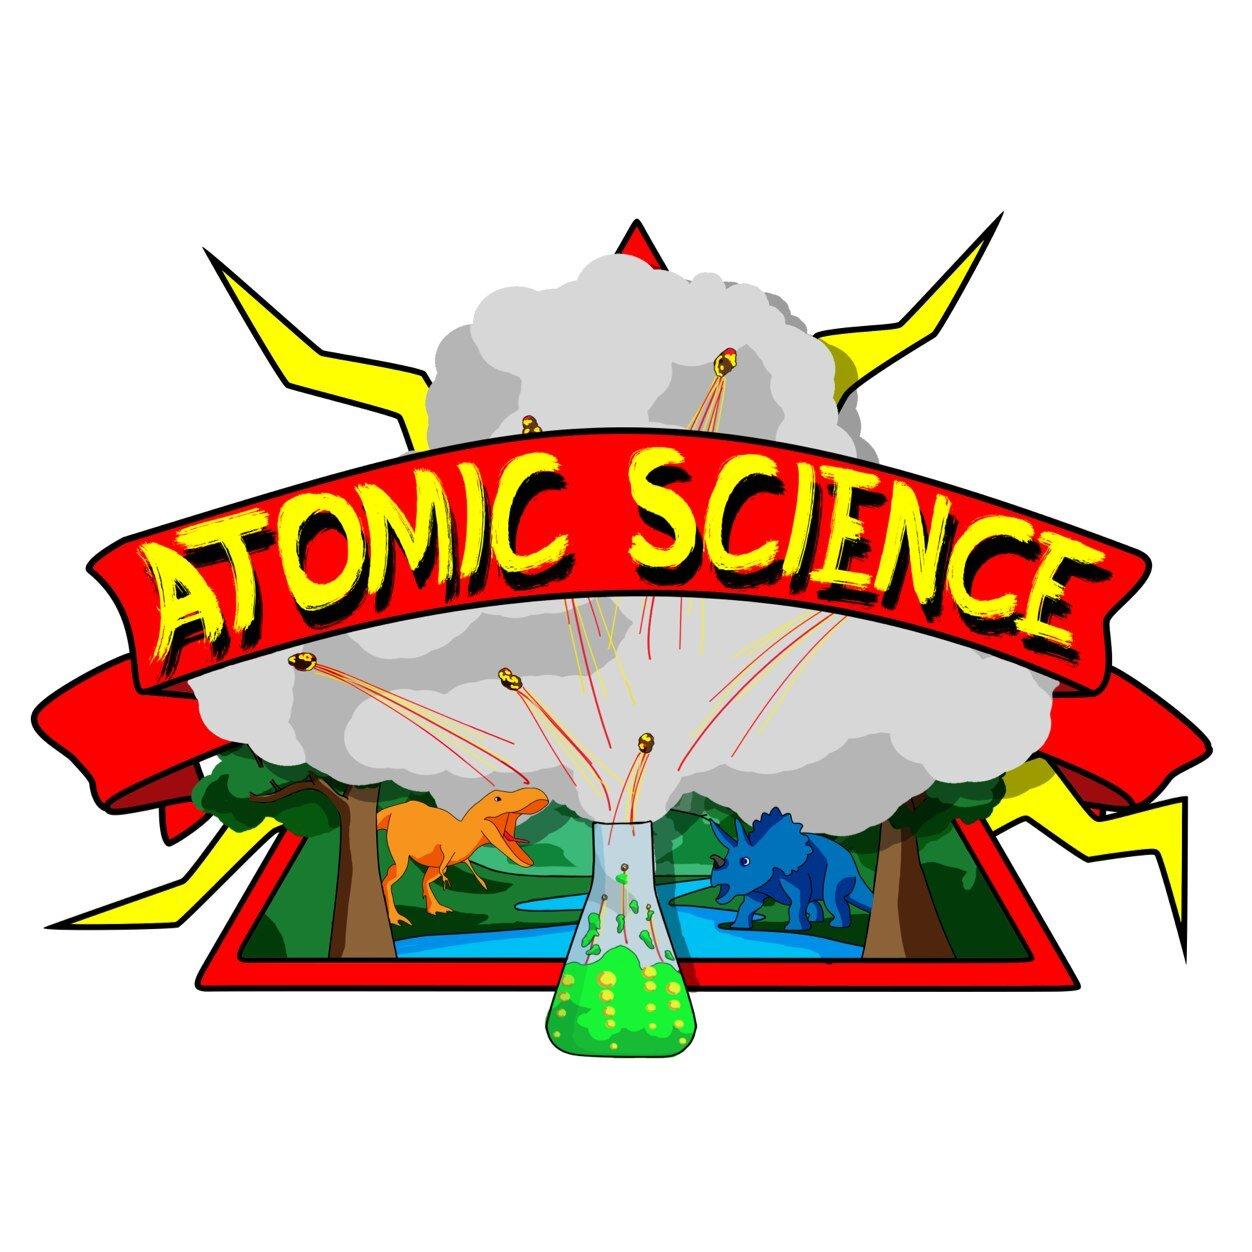 Atomic Science (@AtomicScienceUK) | Twitter